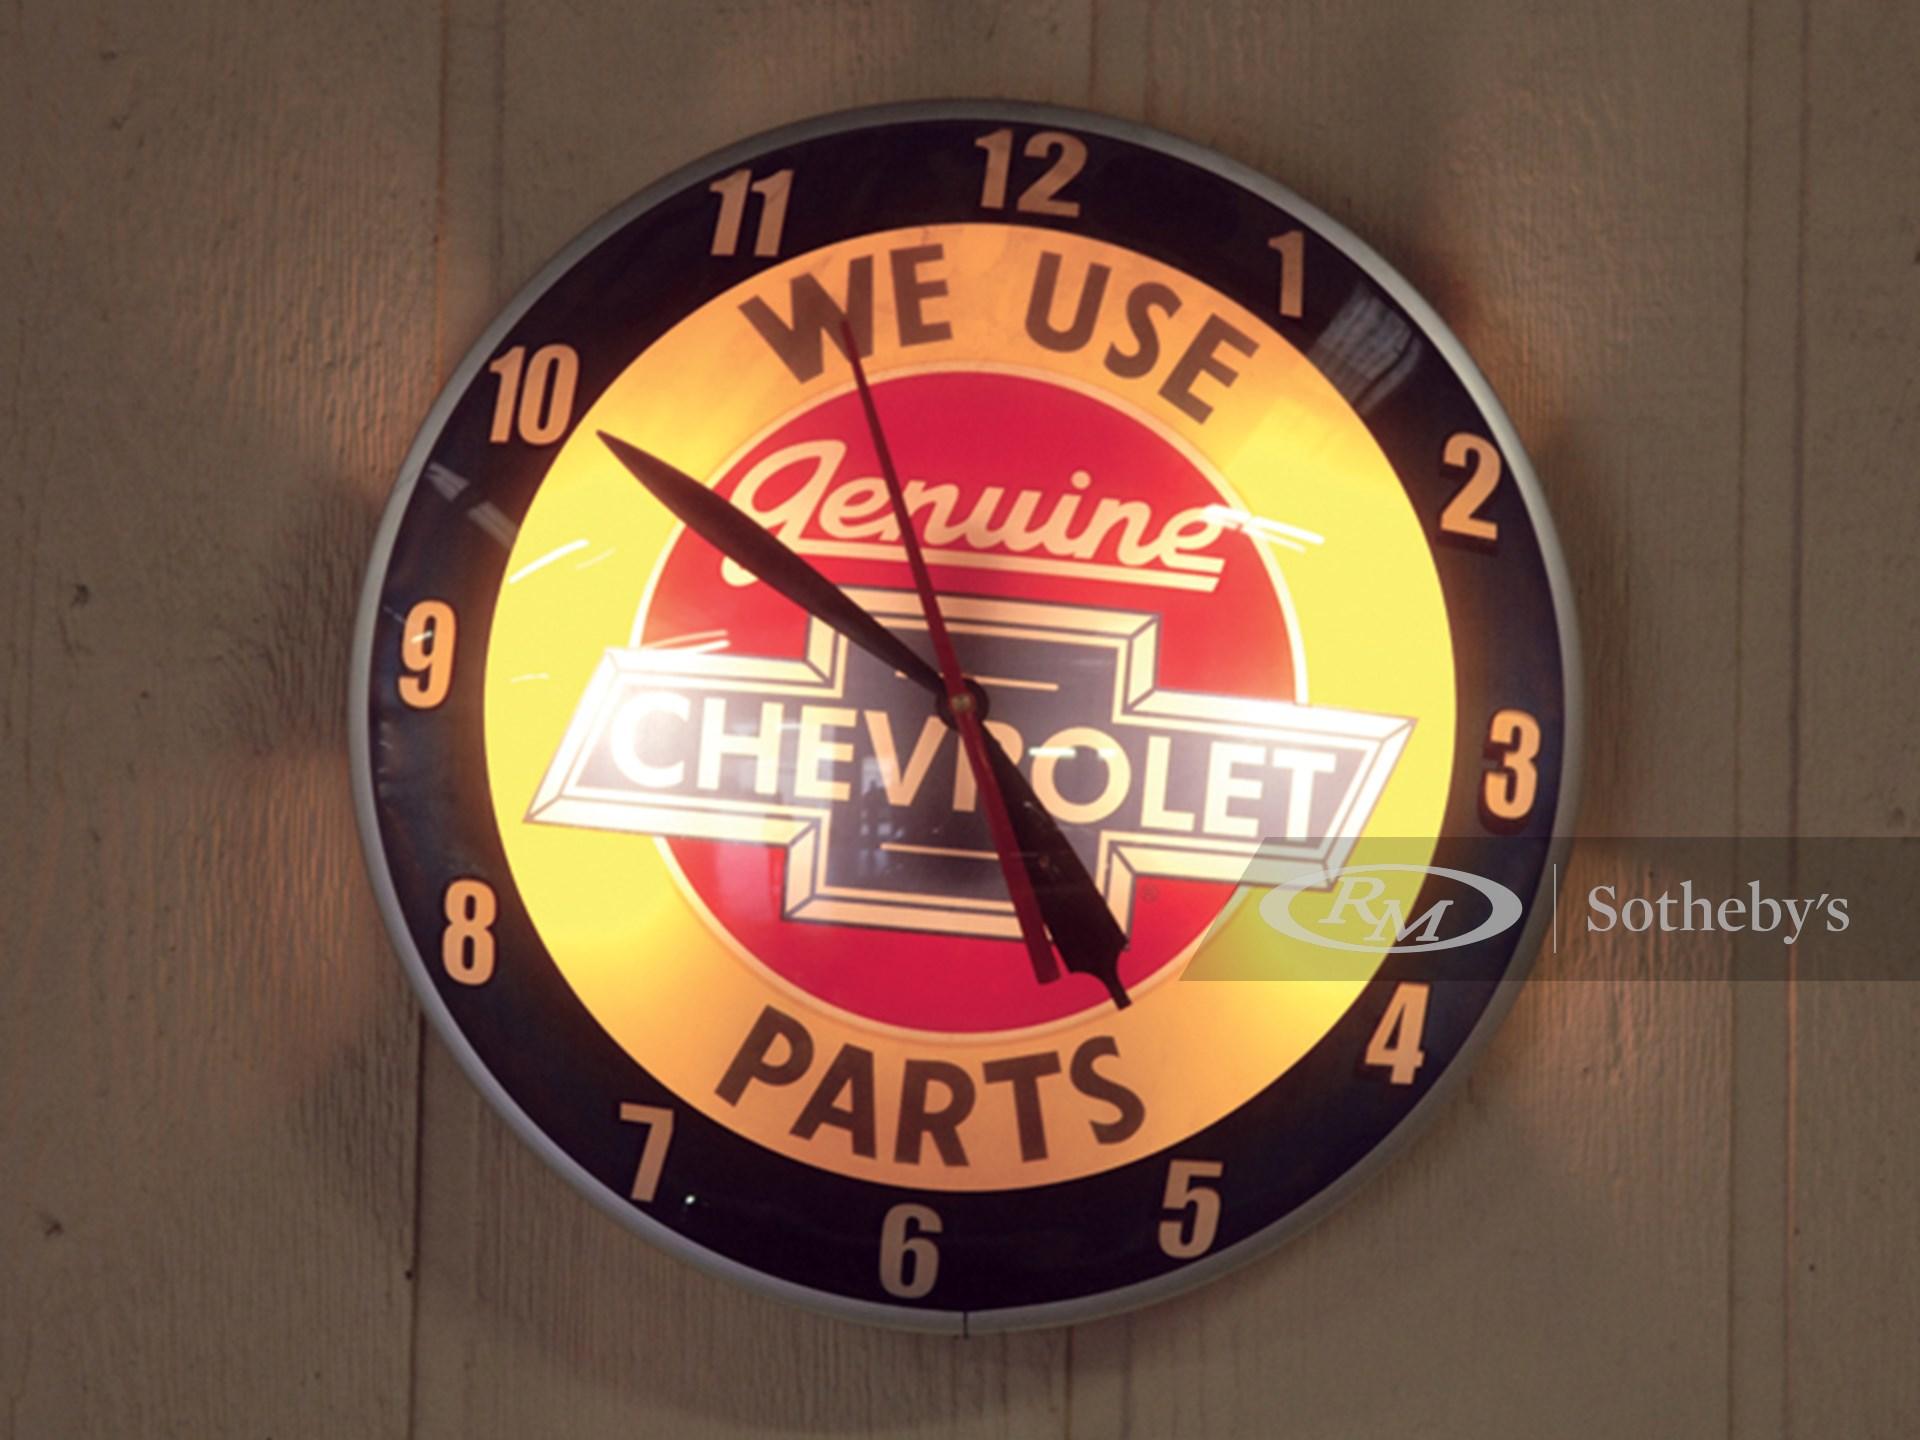 Reproduction Chevrolet Parts Double Bubble Clock | The ...